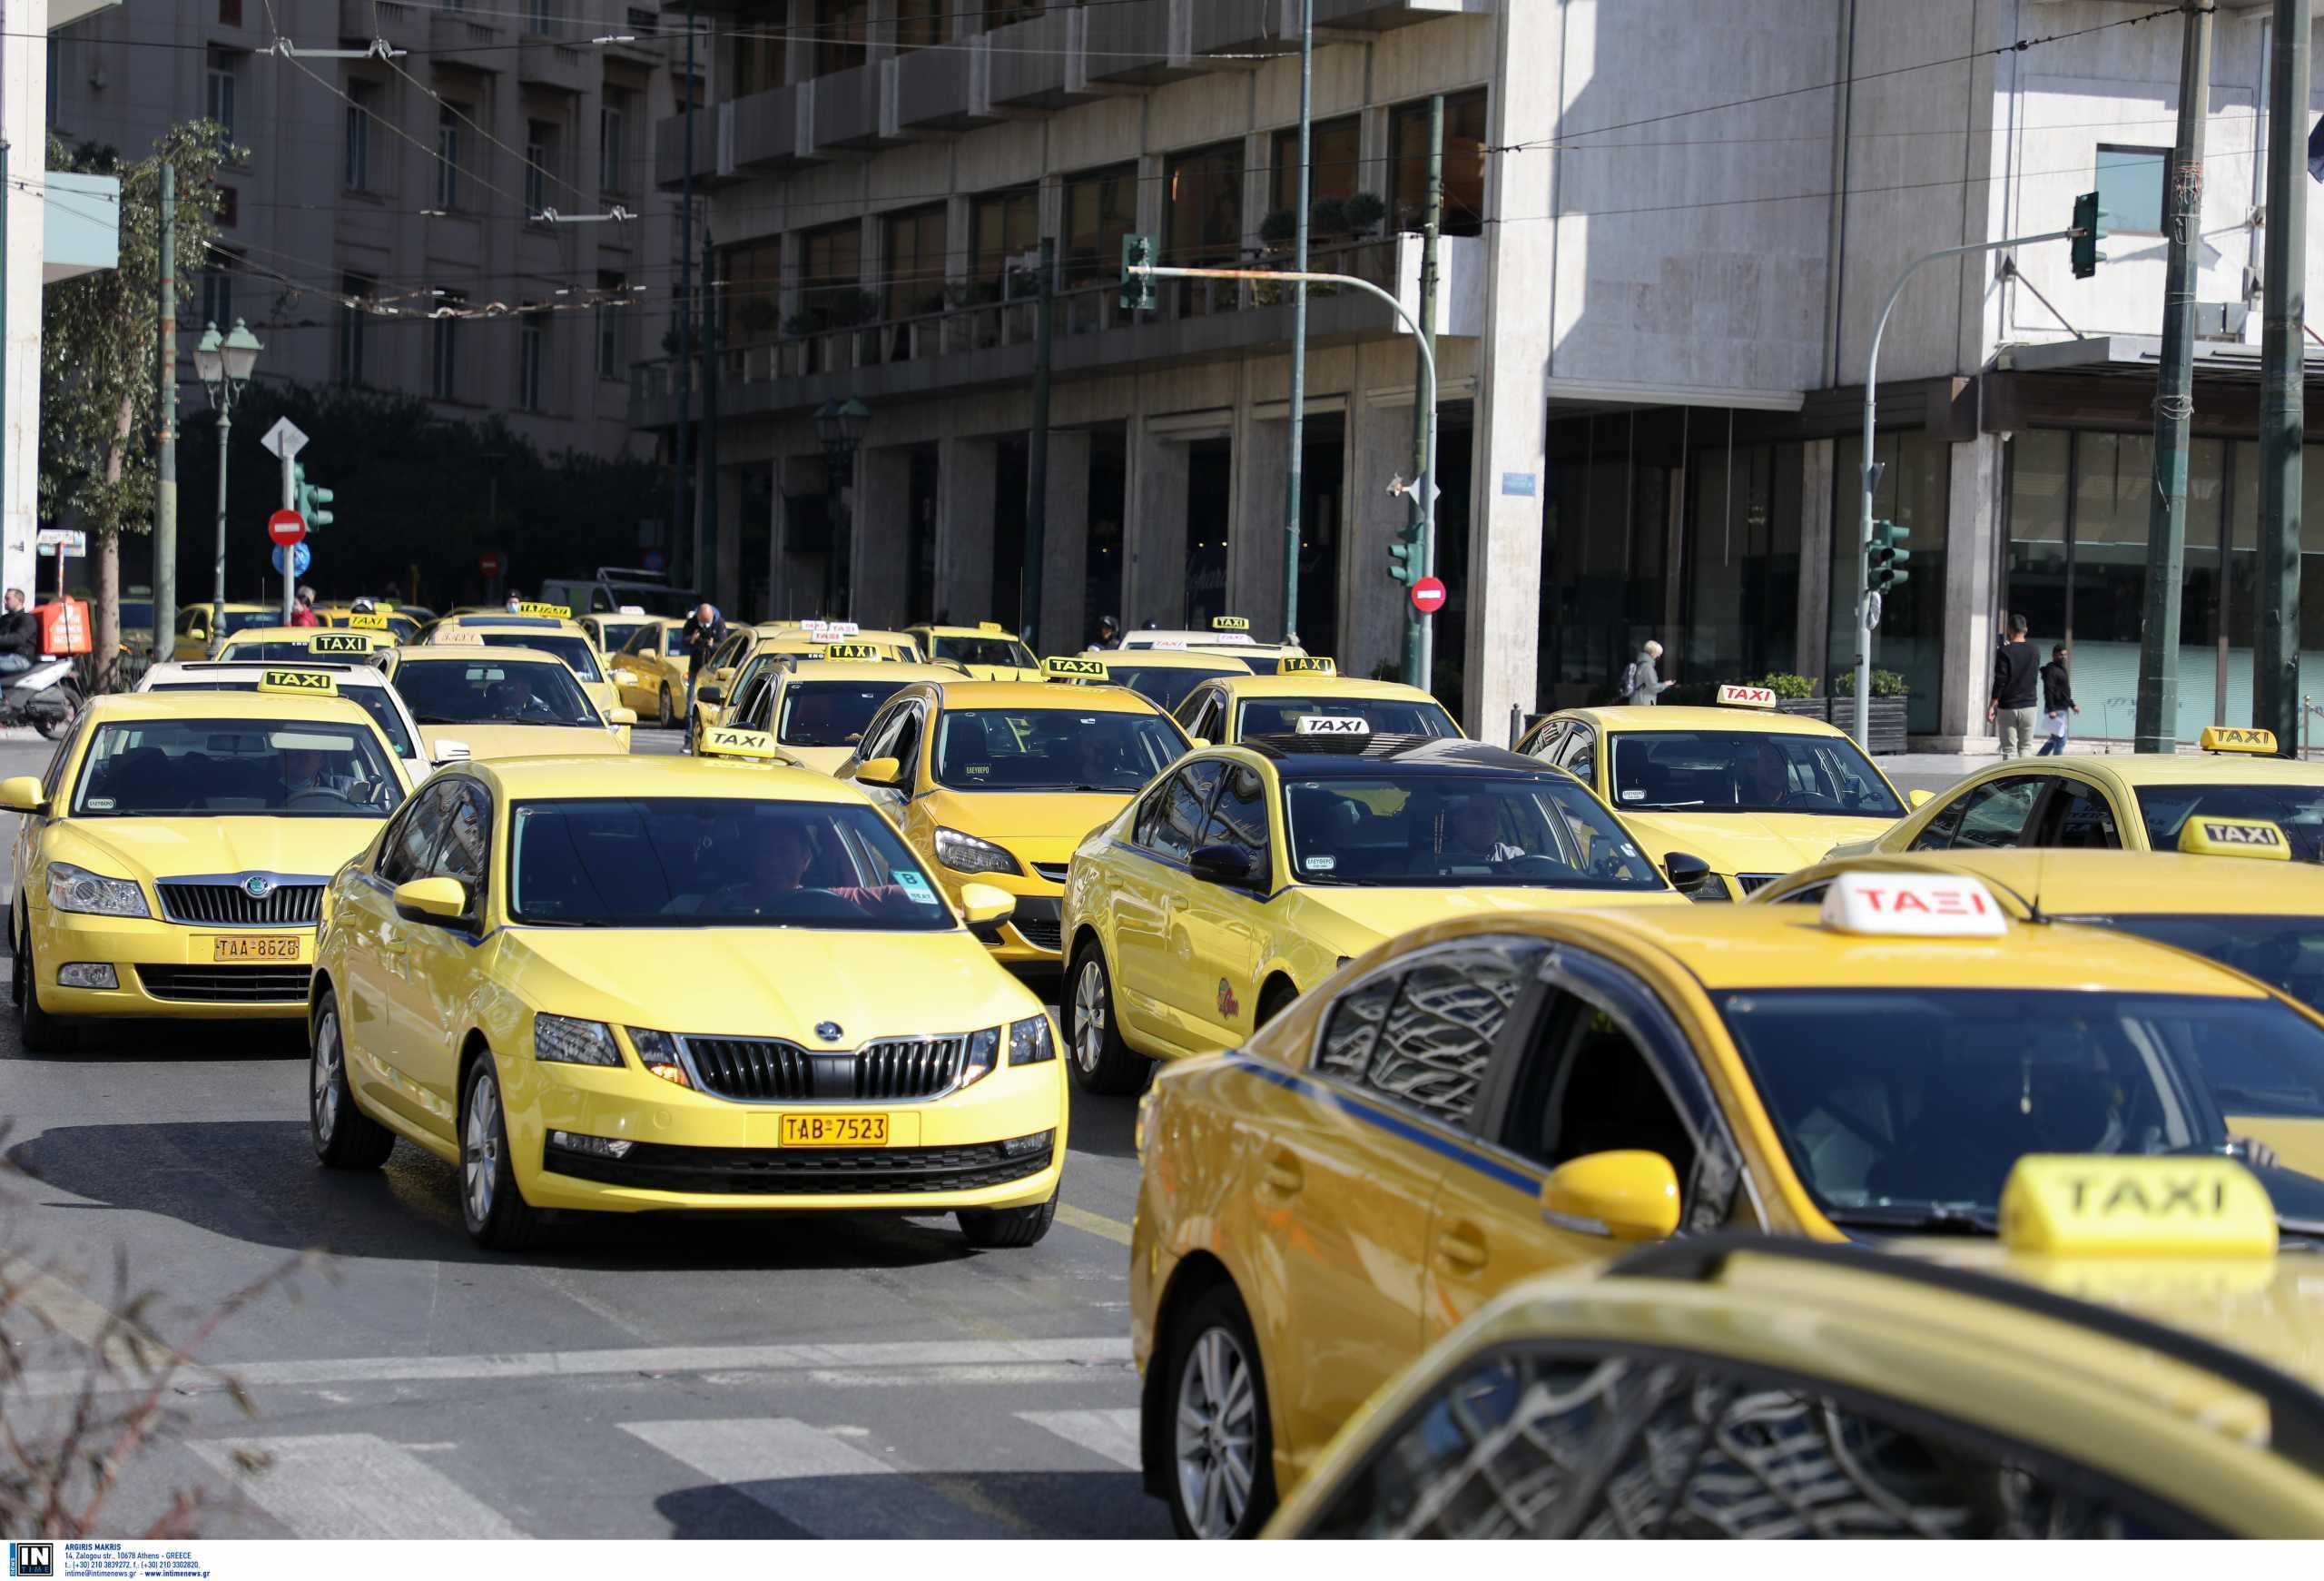 Παράταση 10 μηνών στην ισχύ των ειδικών αδειών οδήγησης αυτοκινήτων